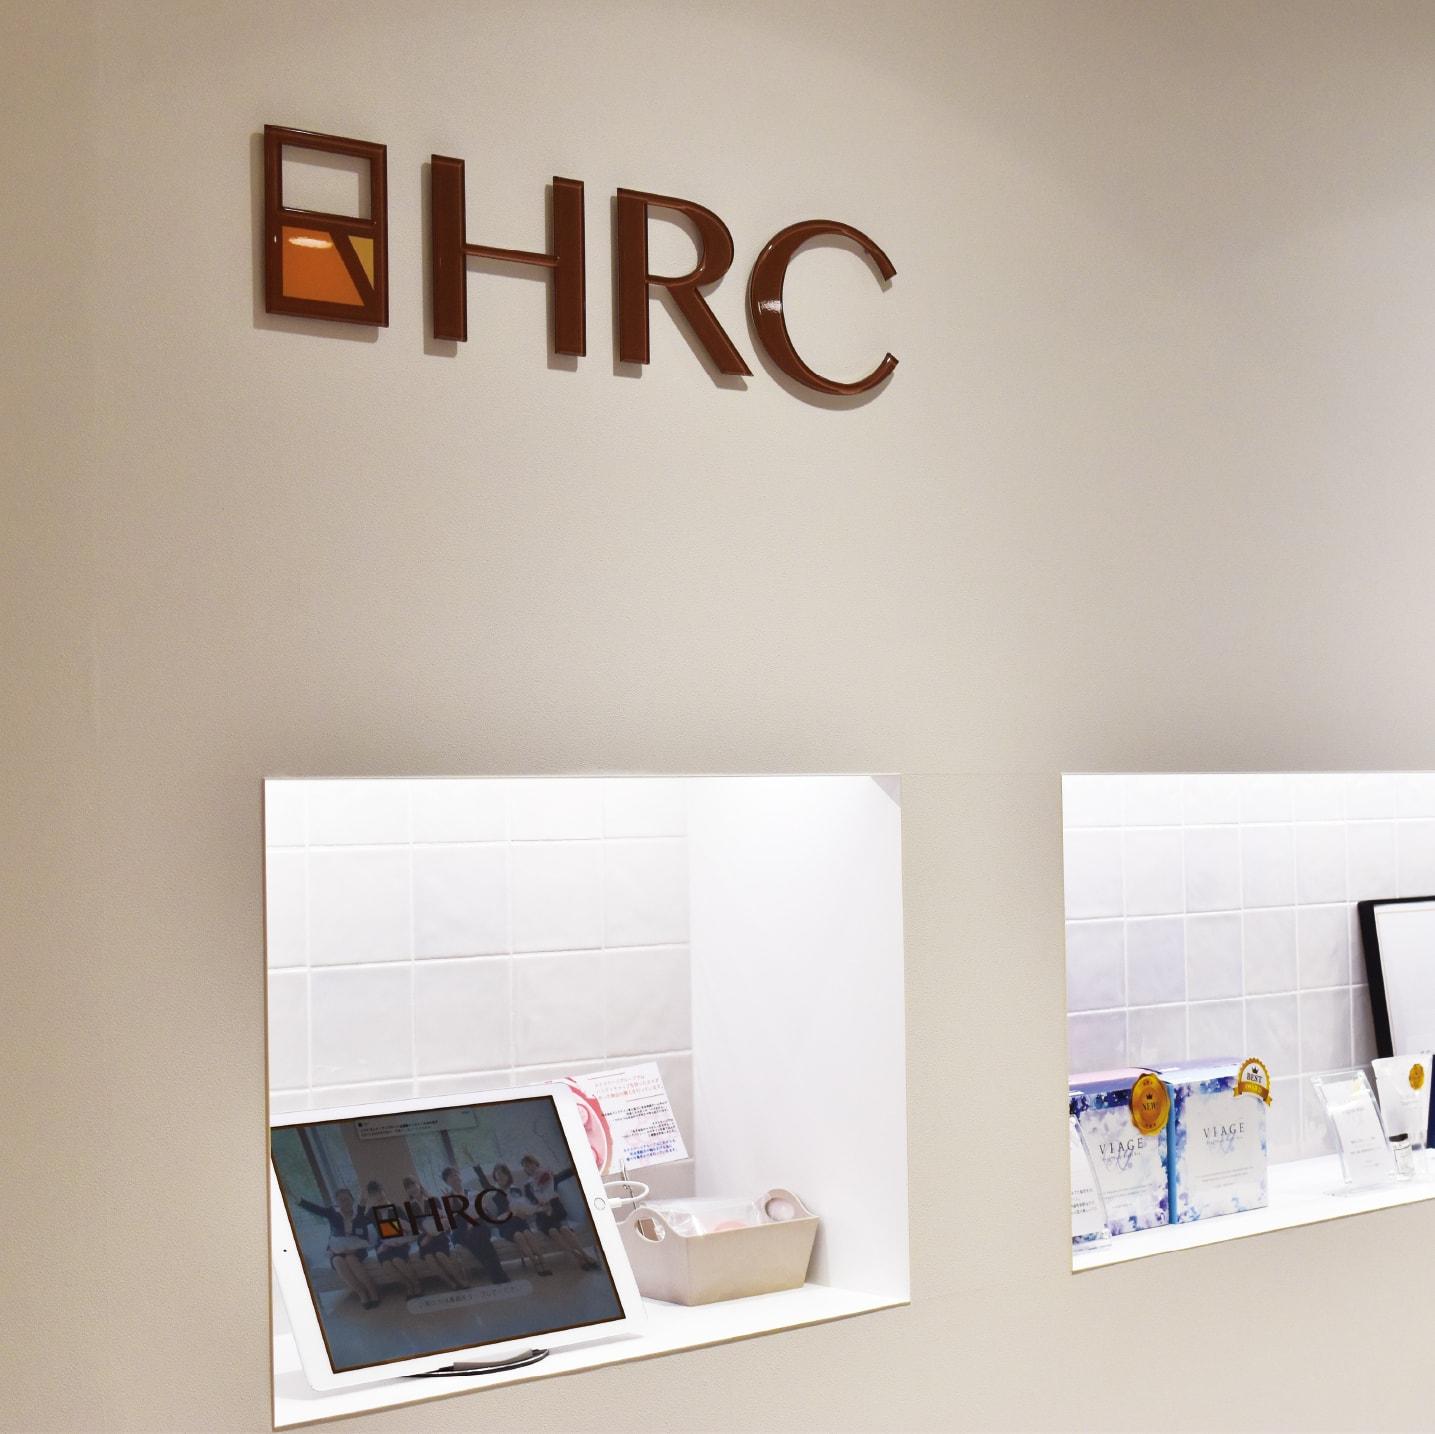 株式会社HRC設立